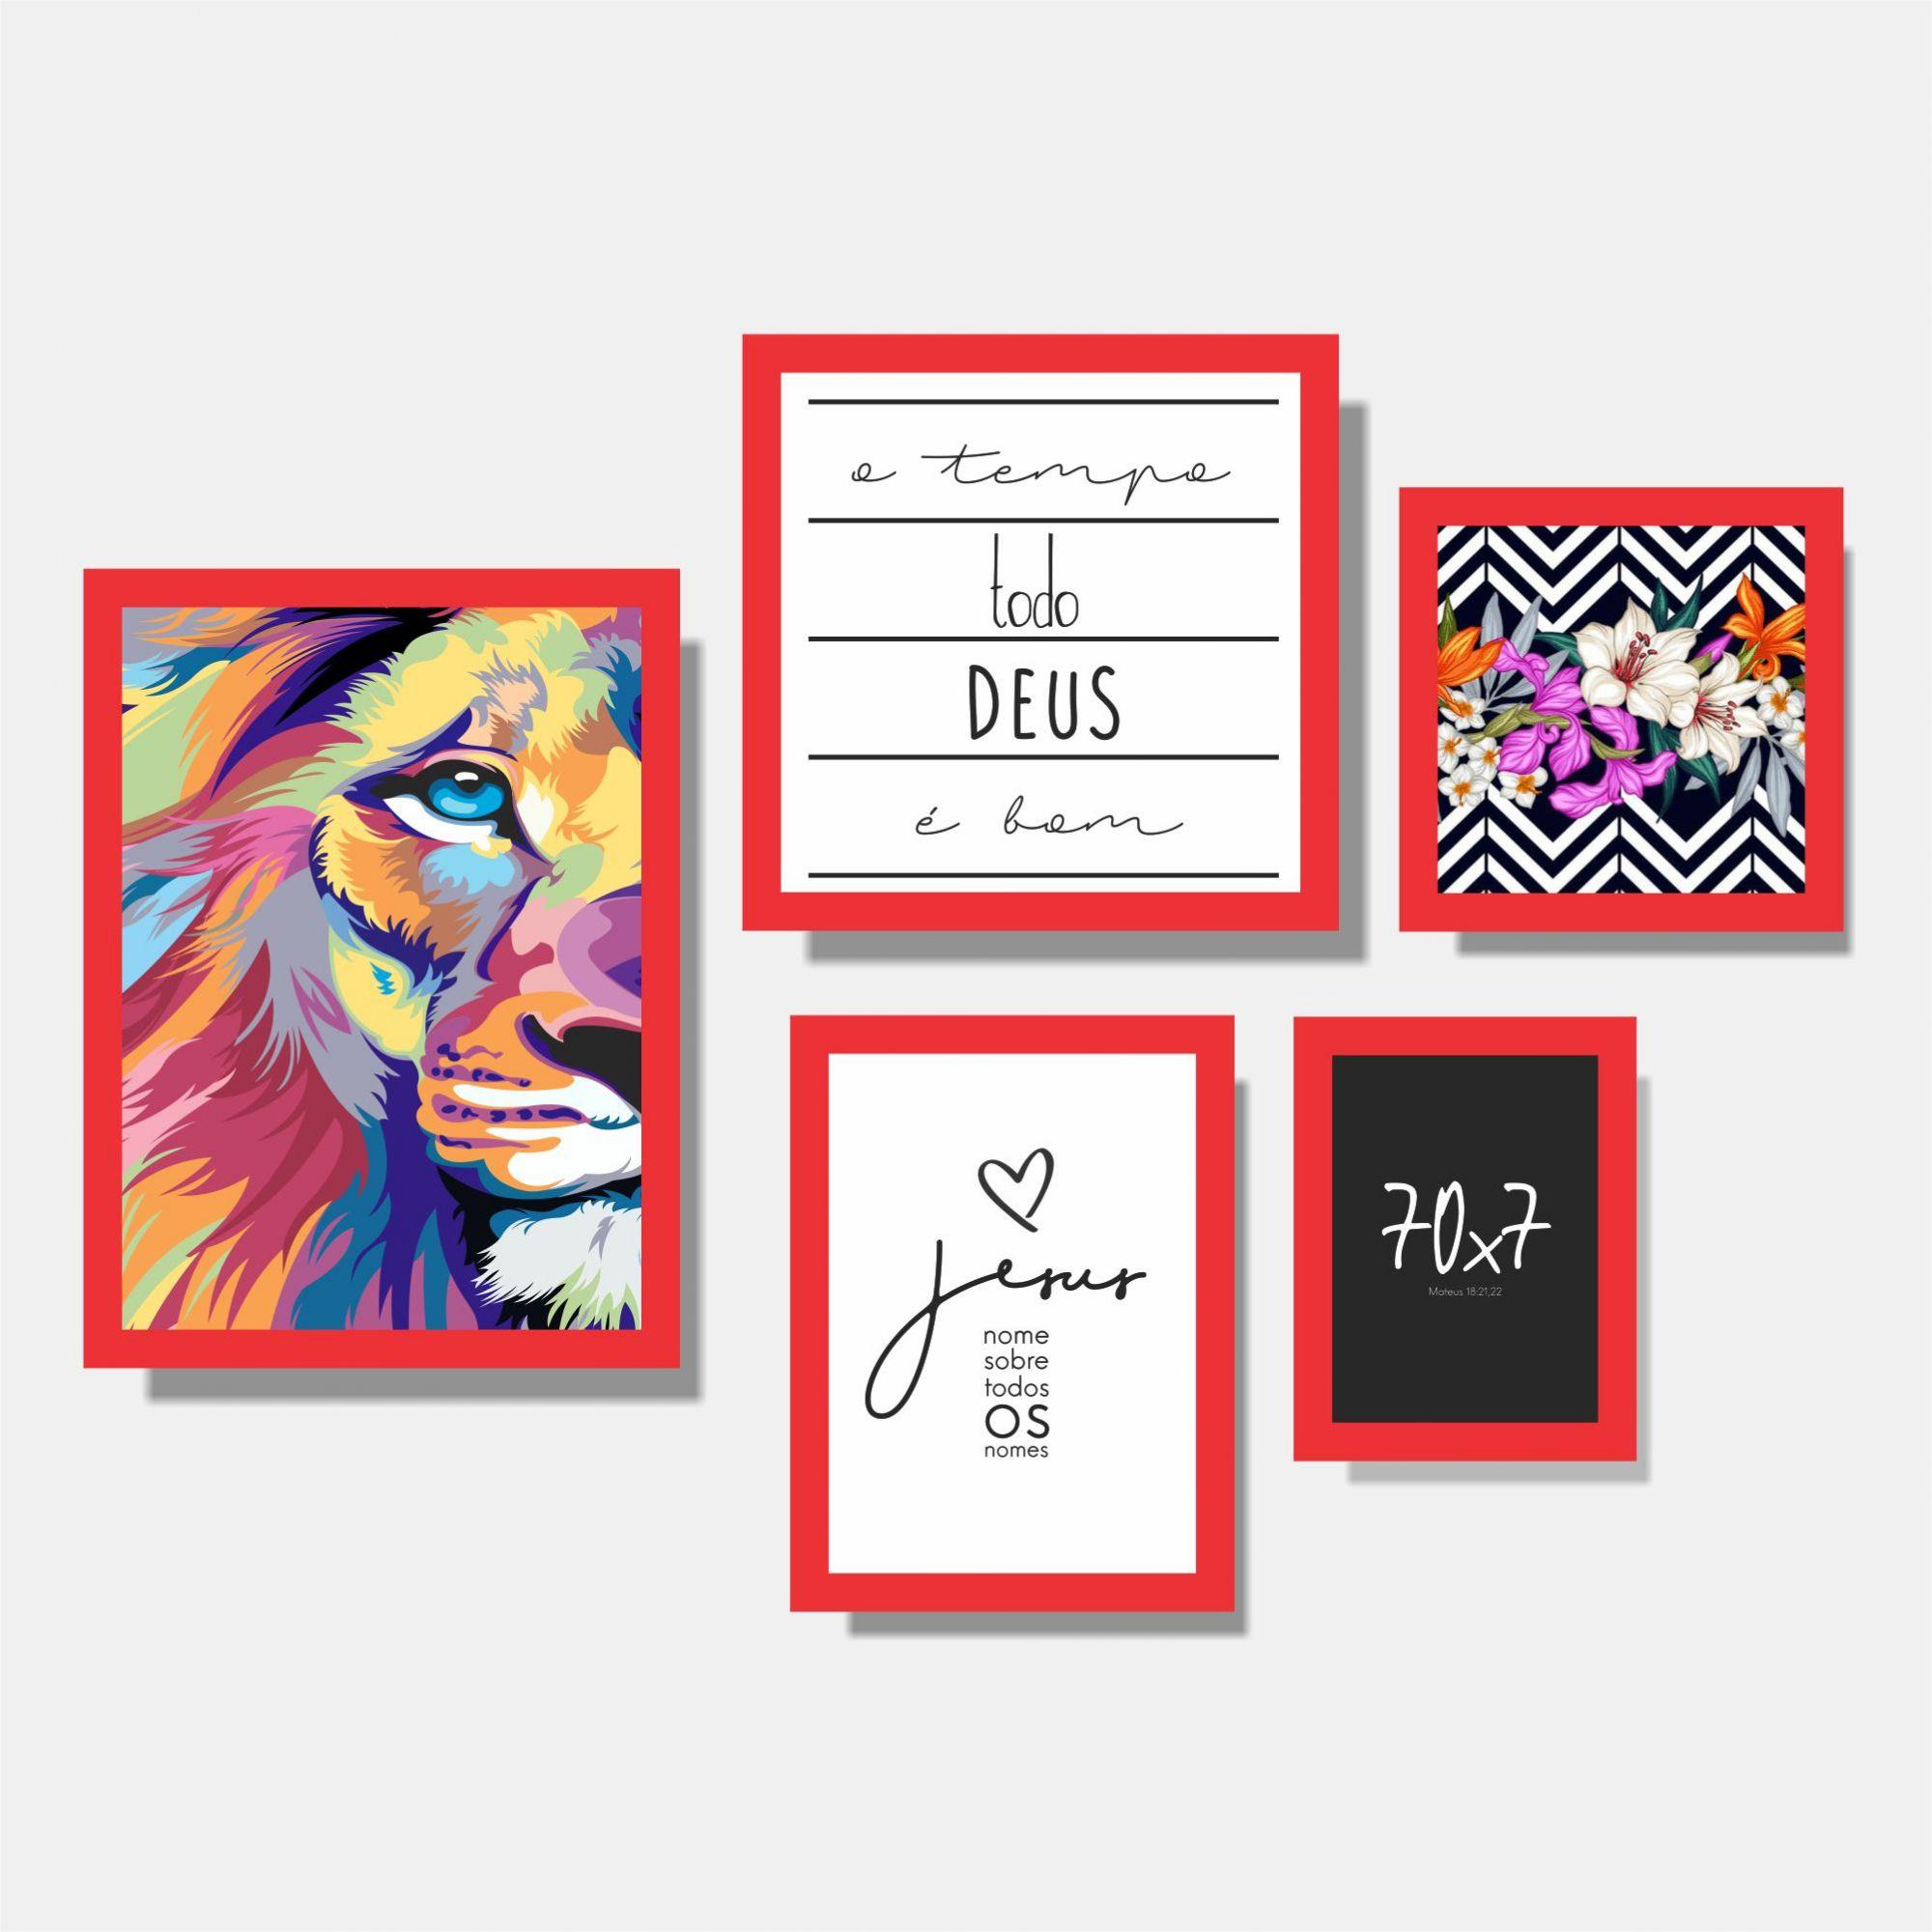 Kit Leão + Jesus + 70x7 + O tempo todo + Flores